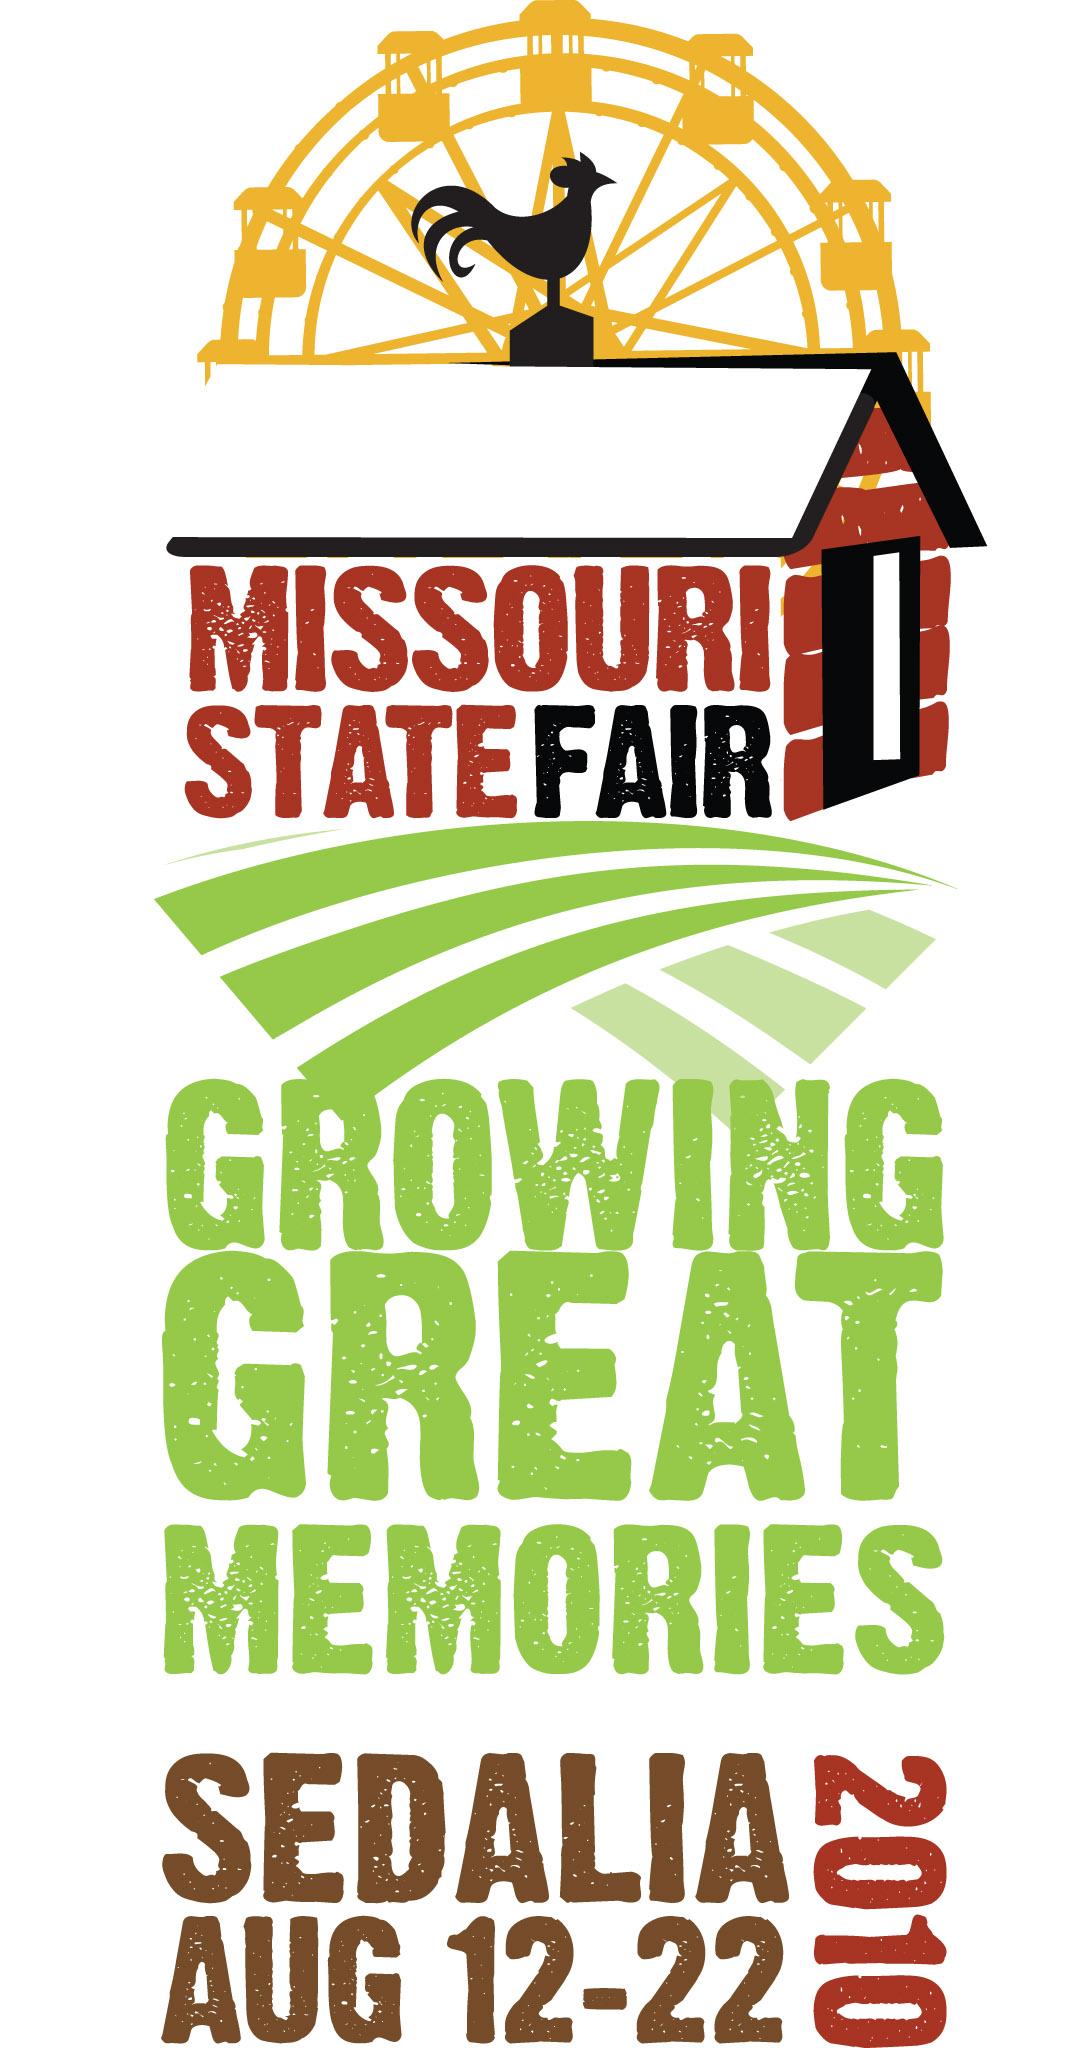 Missouri state fair dates in Perth